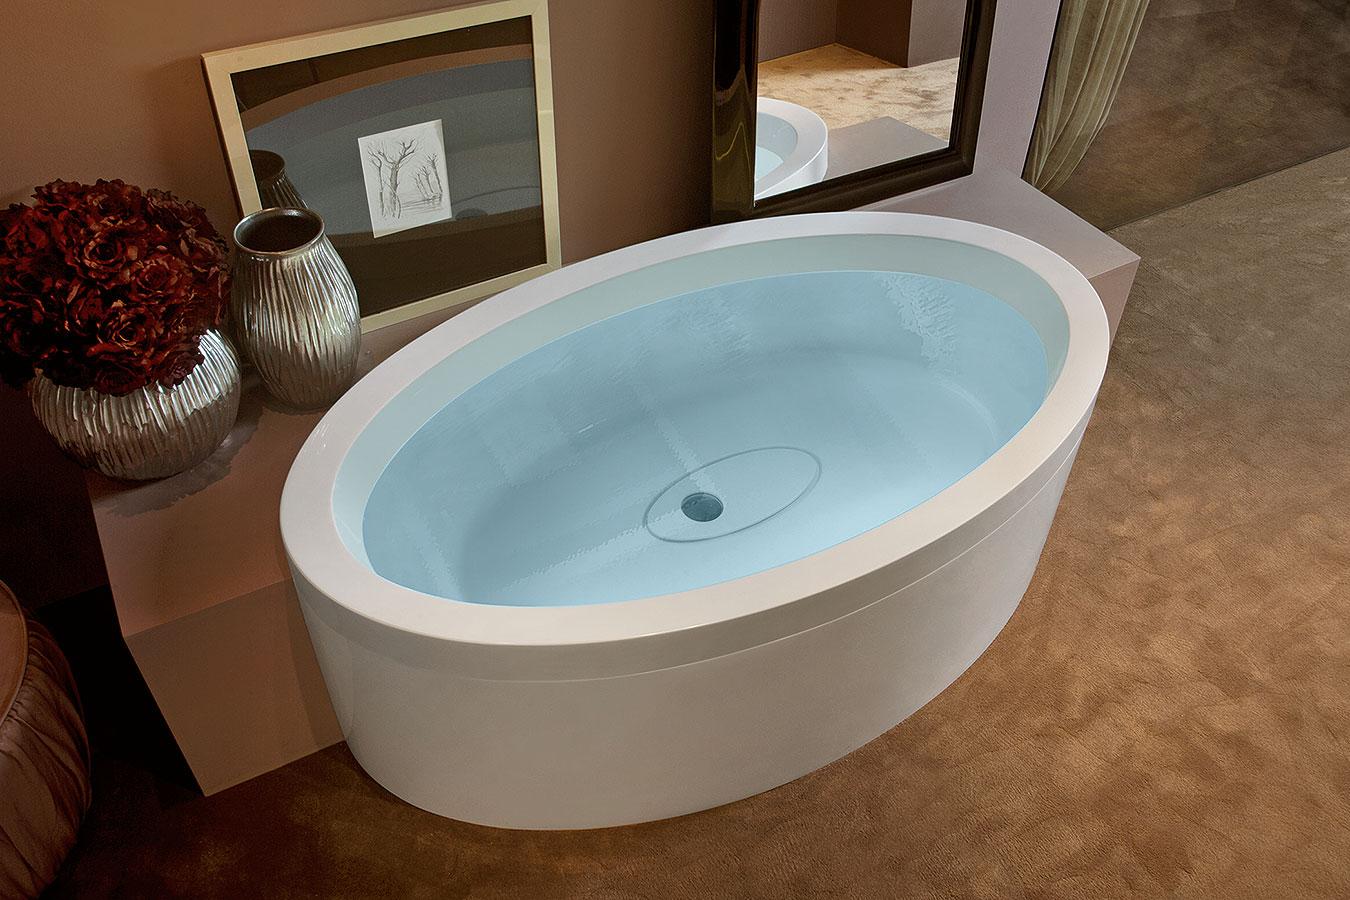 Vasche Da Bagno Angolari Treesse : Vasca da bagno doccia angolare idromassaggio syria